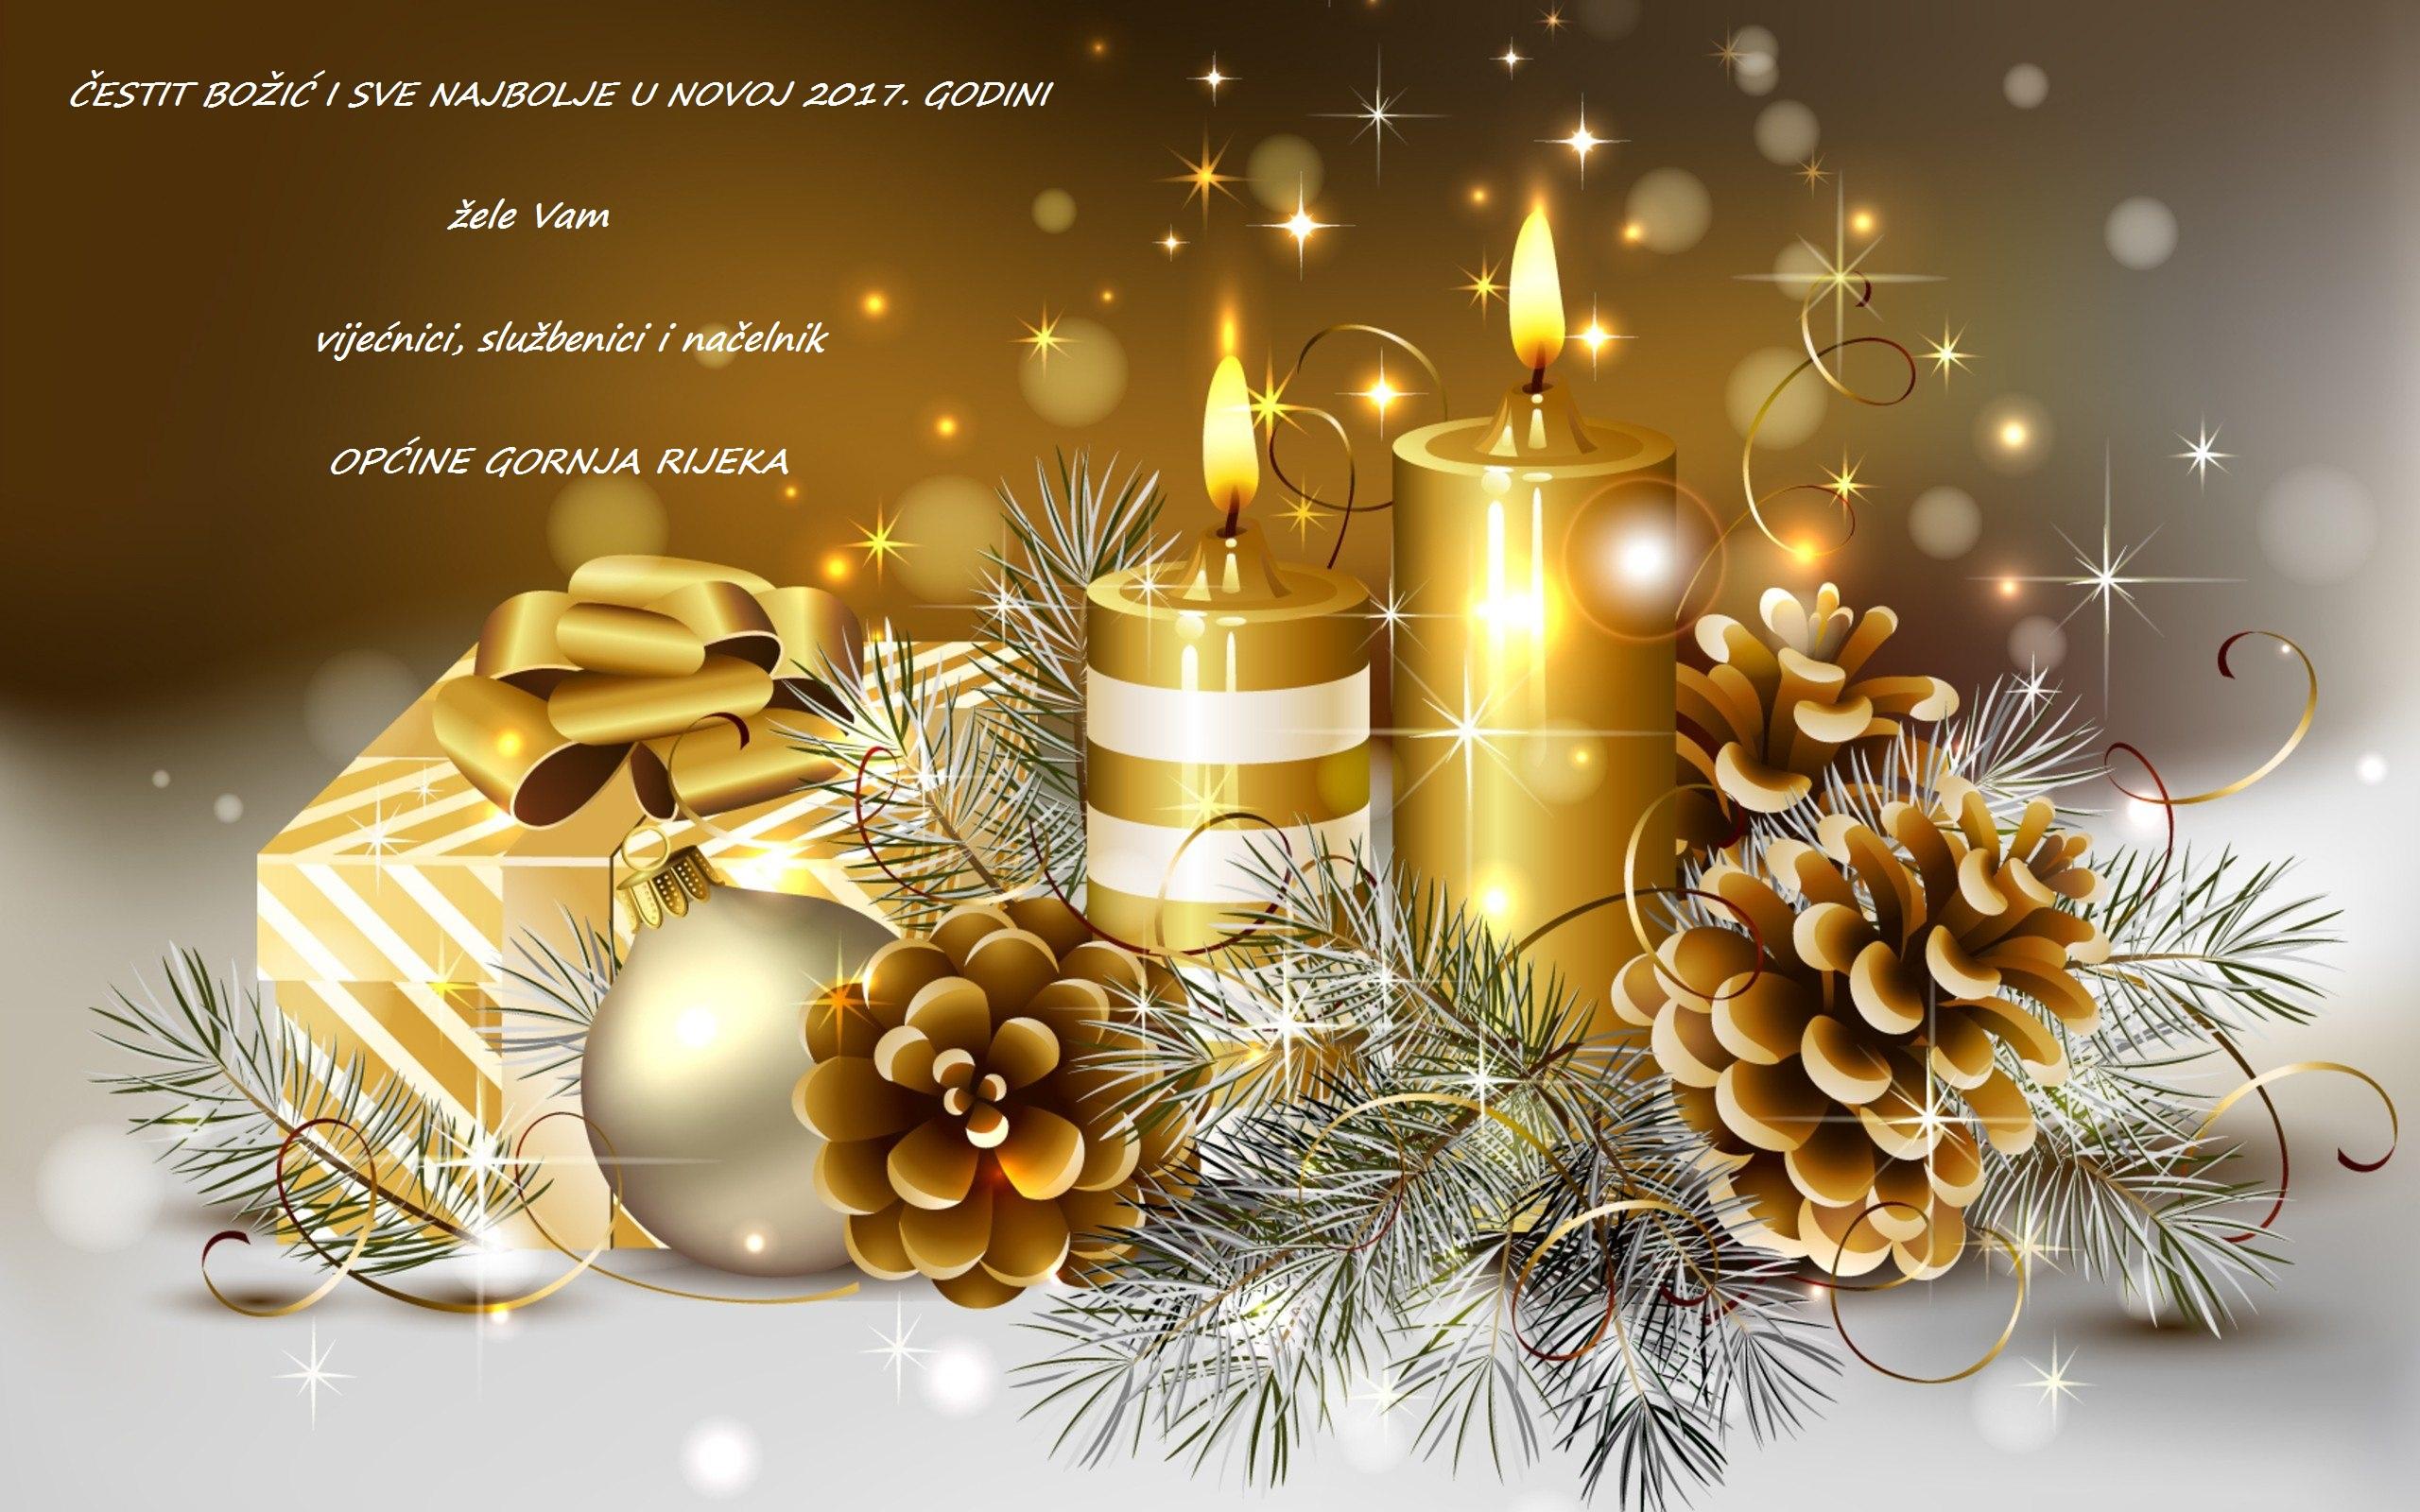 sretan bozic Sretan Božić te uspješnu, kreativnu i inovativnu 2017. godinu  sretan bozic